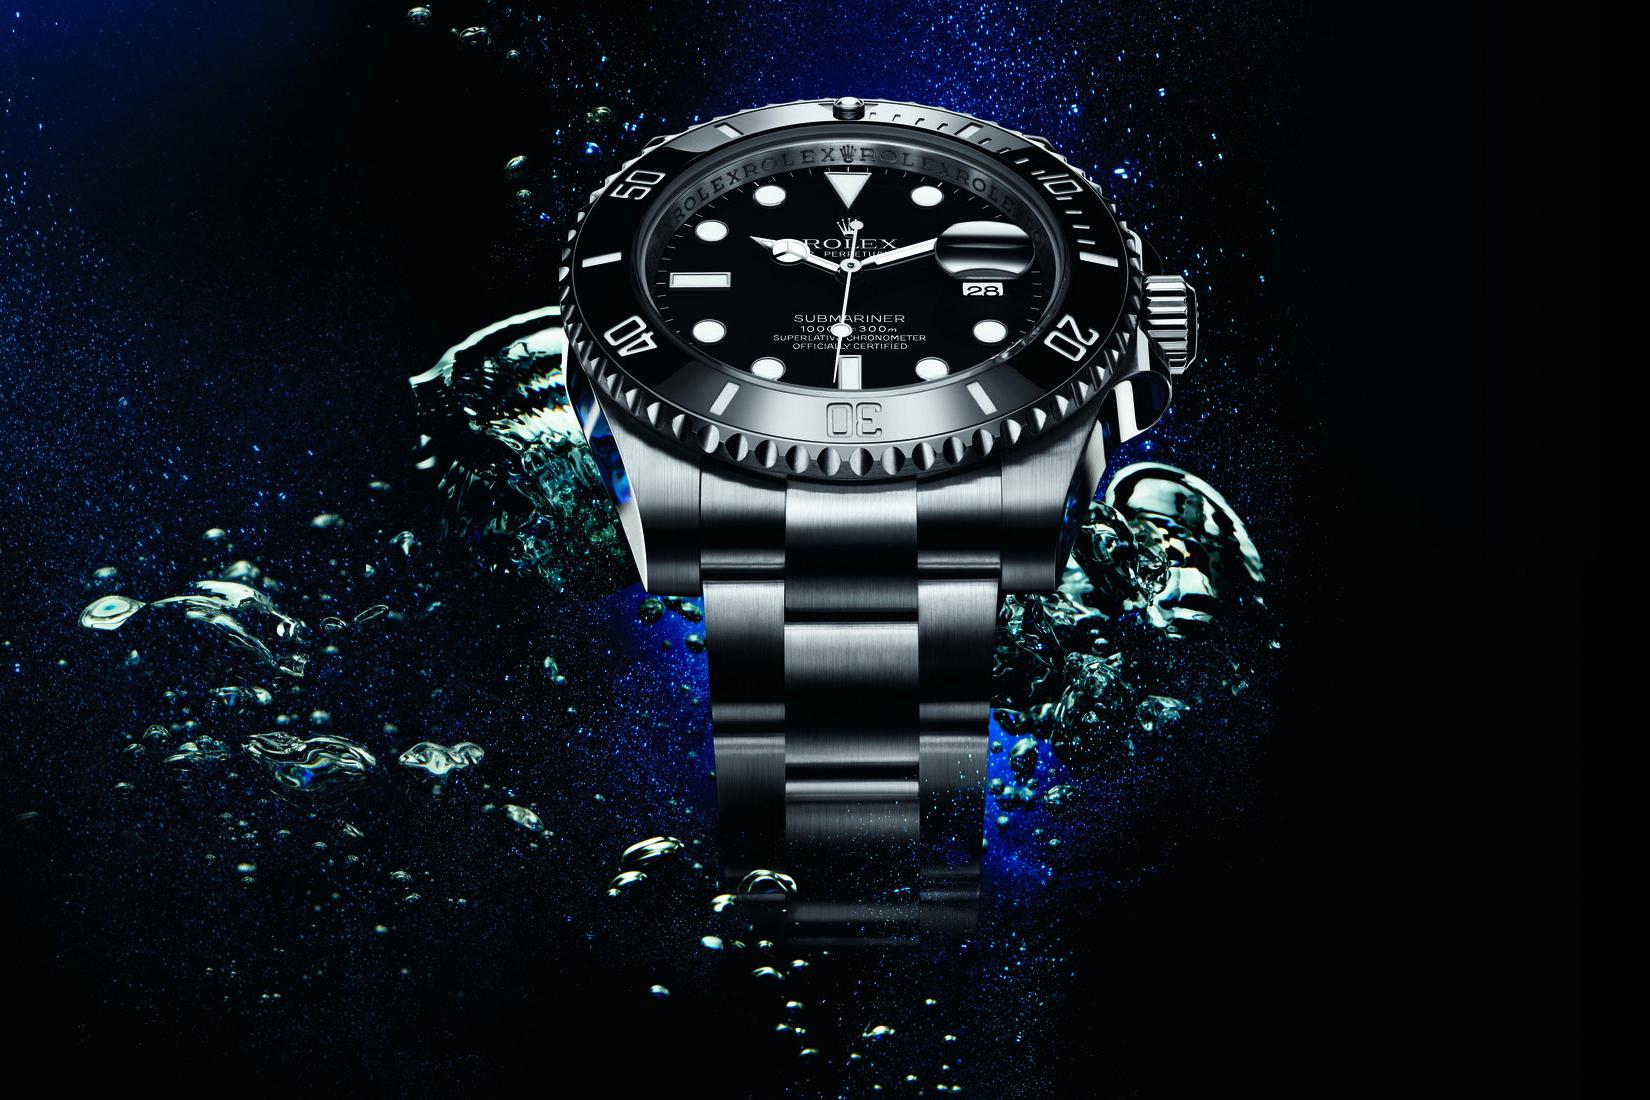 Tìm hiểu về khả năng chống nước của đồng hồ Rolex và những lưu ý cần thiết để bảo vệ chiếc đồng hồ của bạn